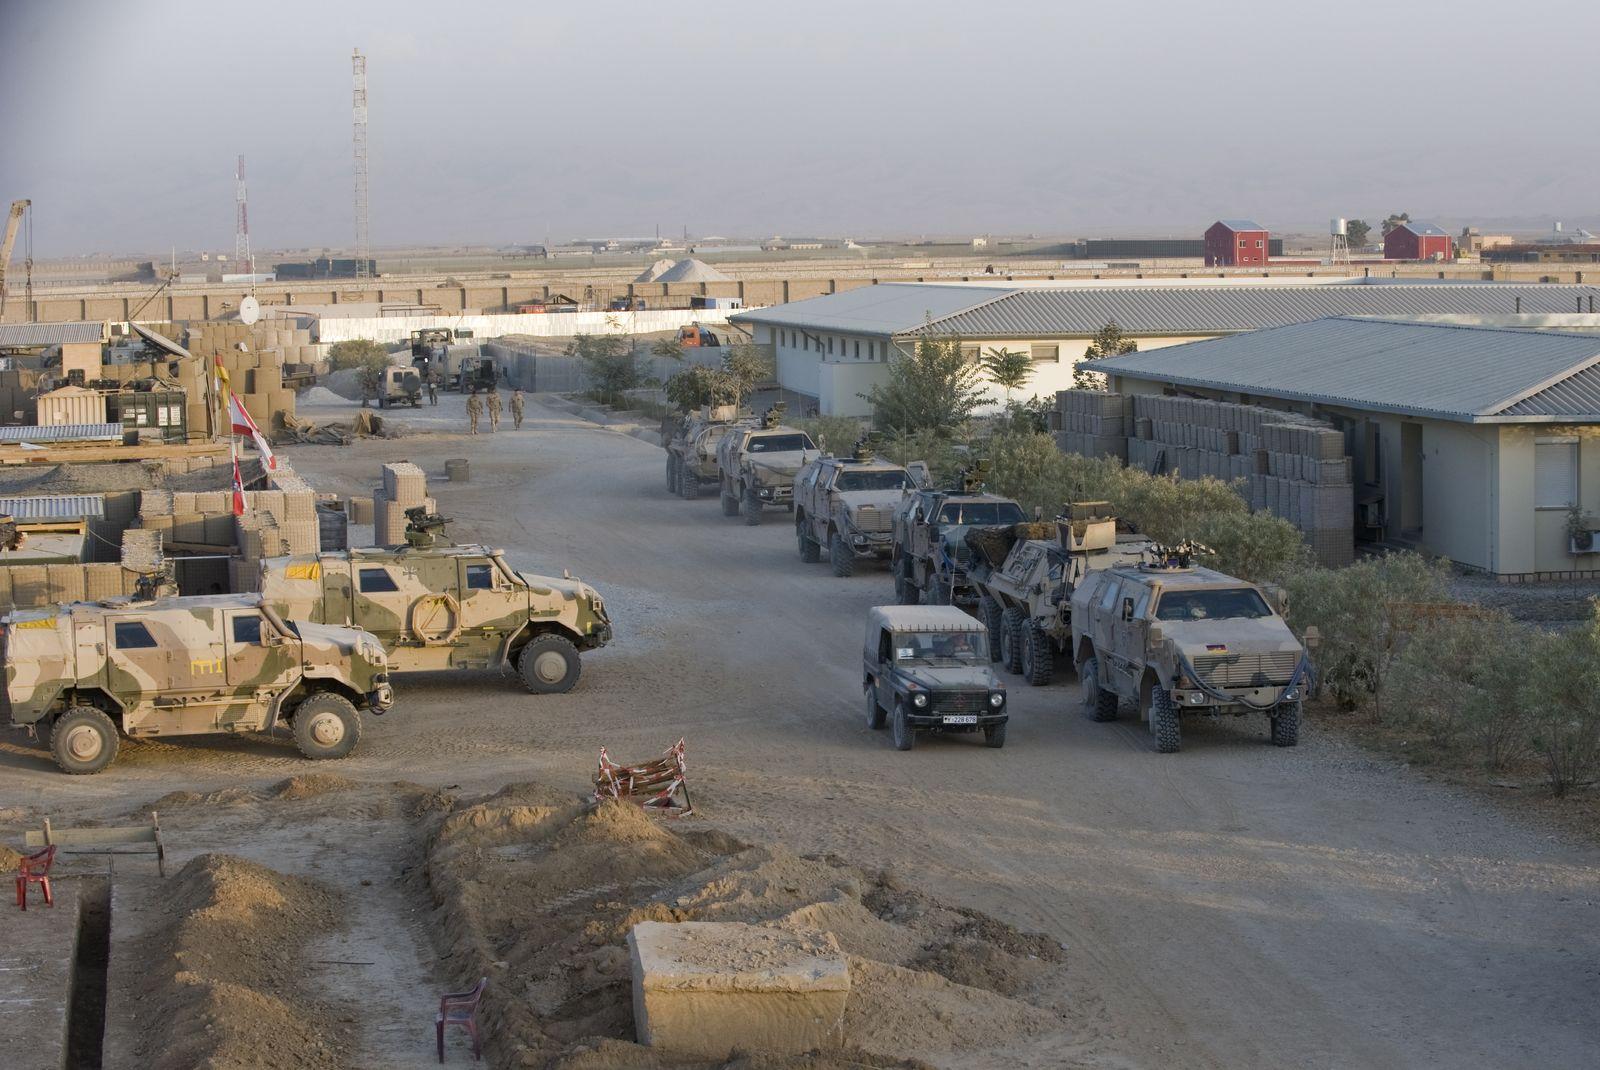 NICHT VERWENDEN Bundeswehr/ Ausrüstung/ Feldlager Kunduz